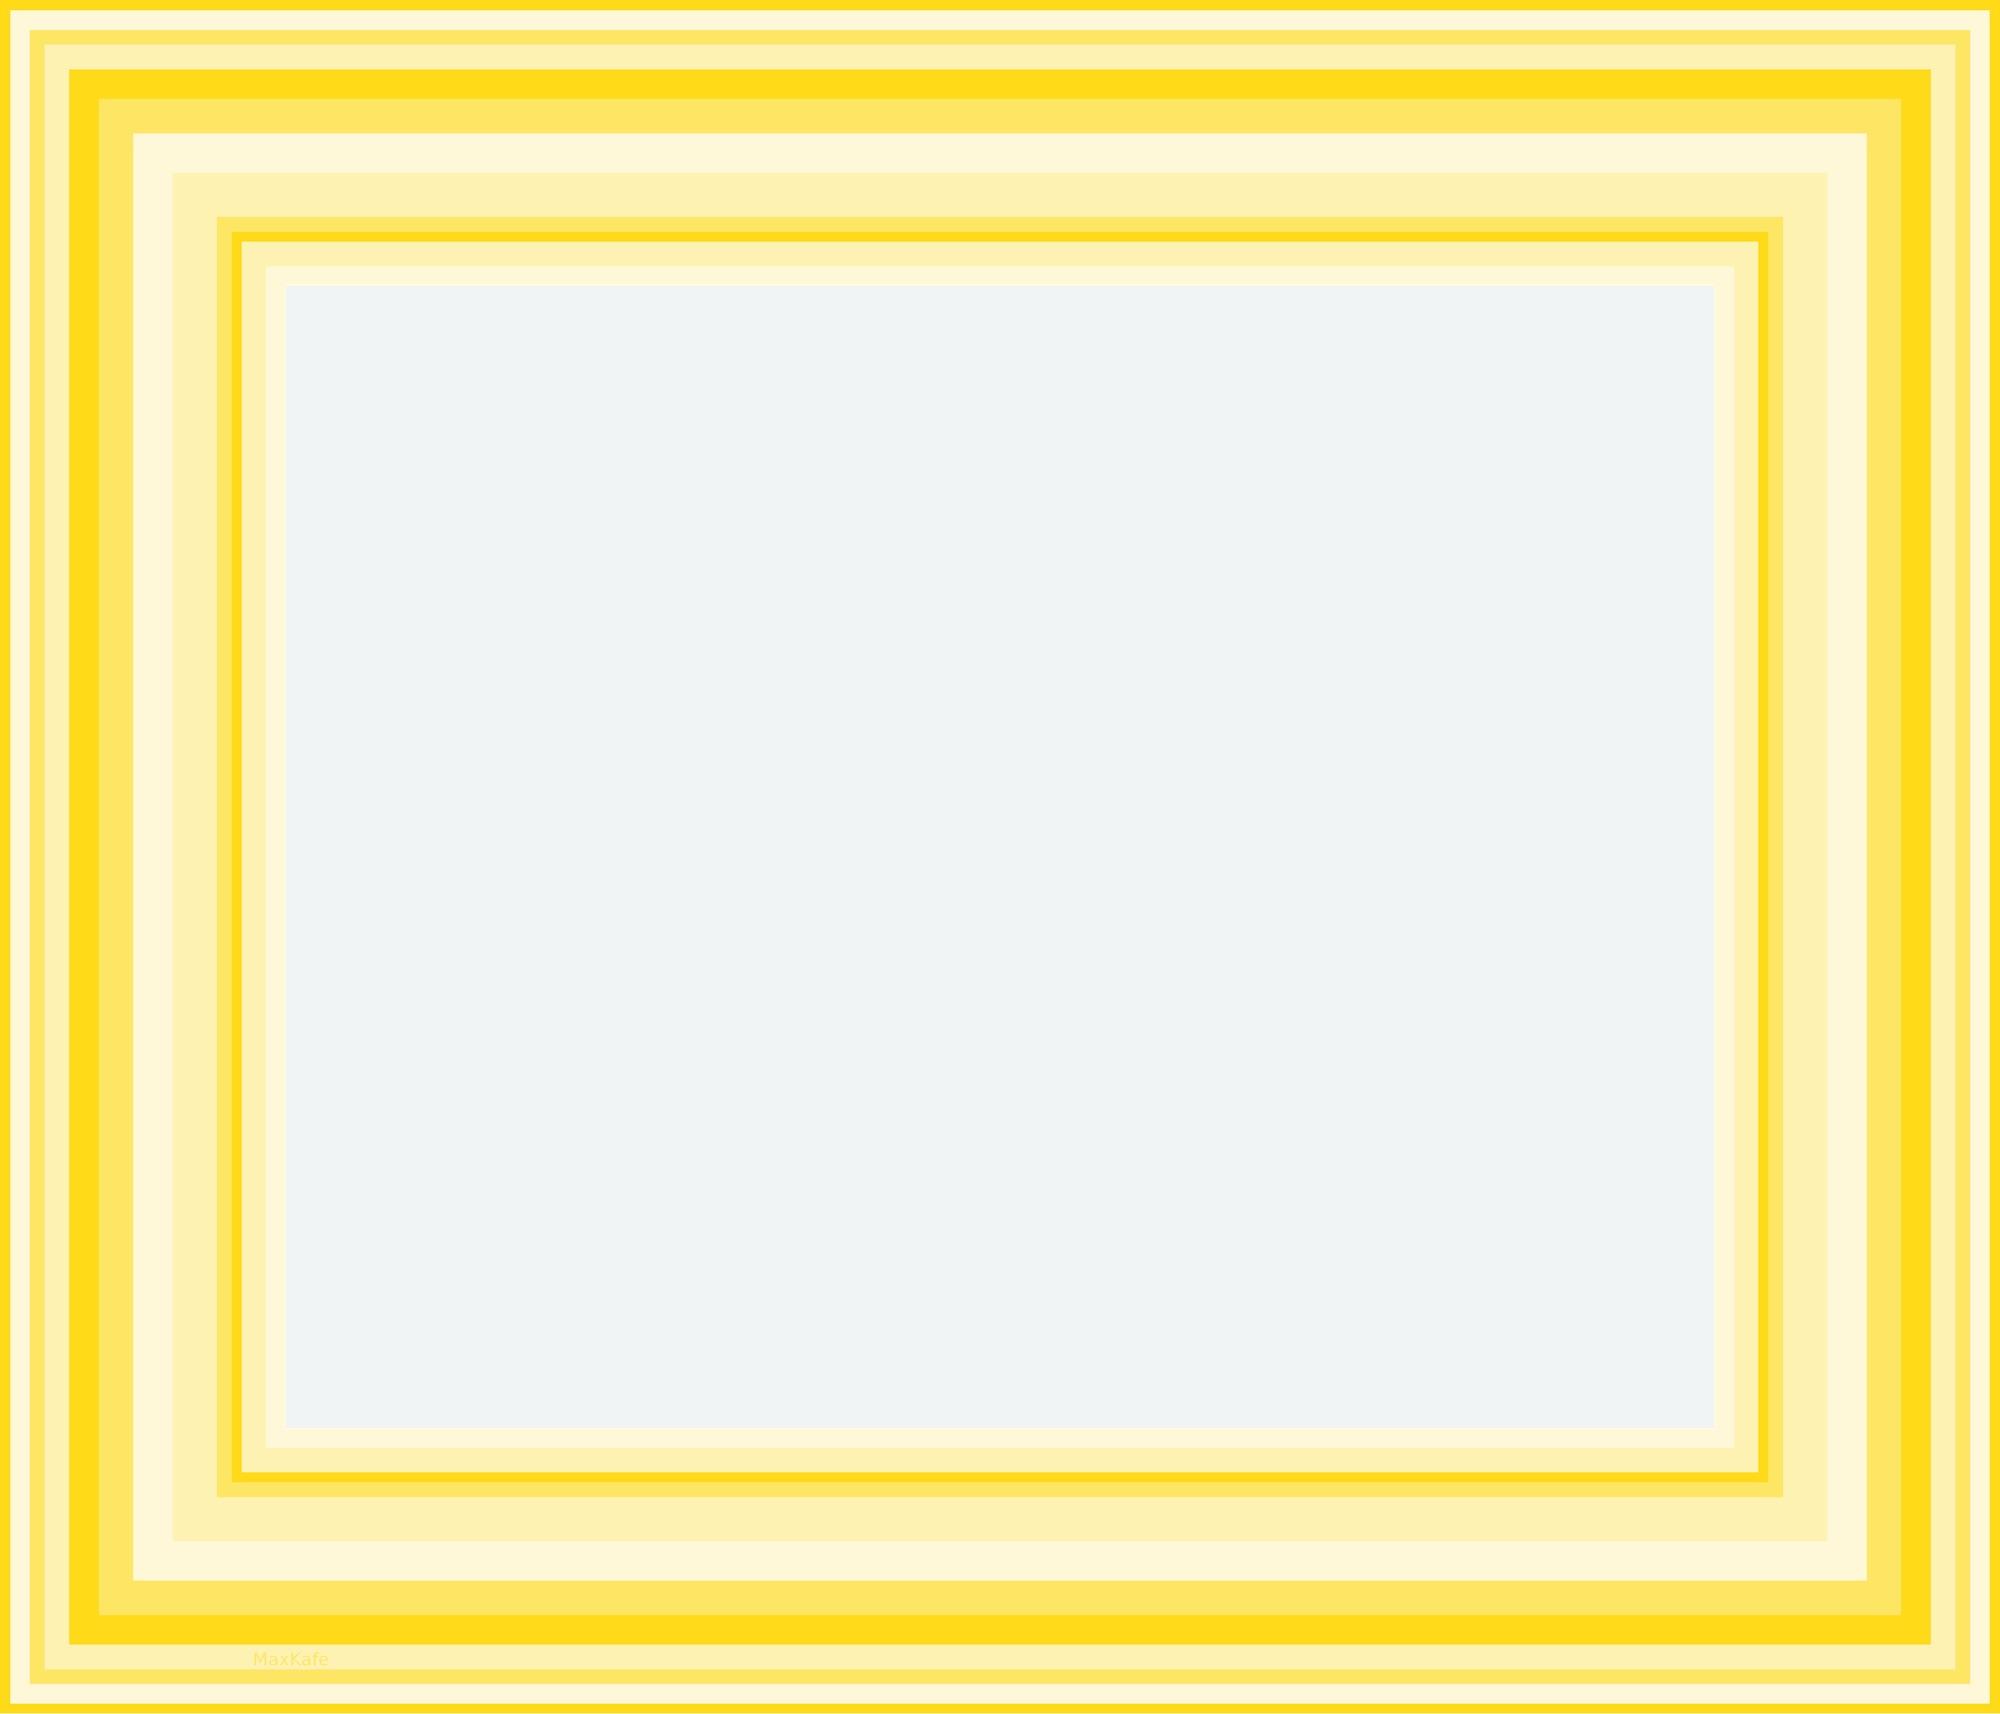 """MK16LFS122 Frame 6x7 Yellow <a href=""""https://dl.orangedox.com/fayNI7"""">[DOWNLOAD]</a>"""